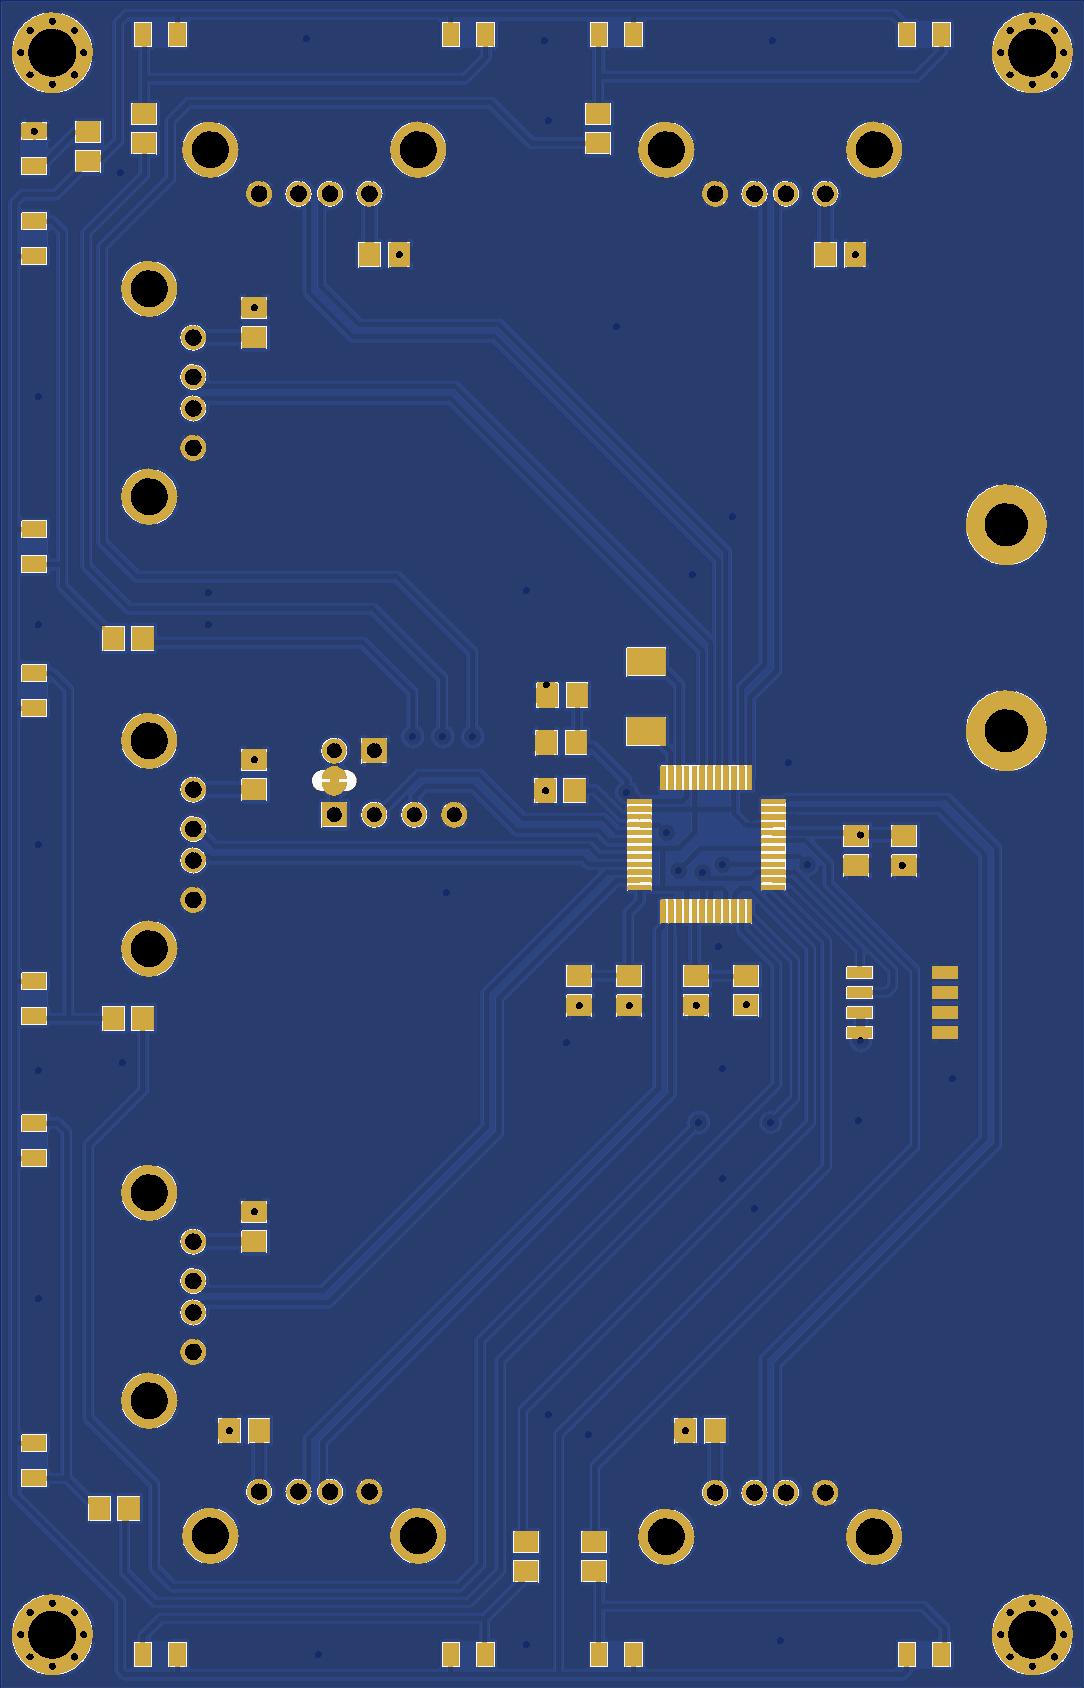 USB hub for MiSTer v1.0